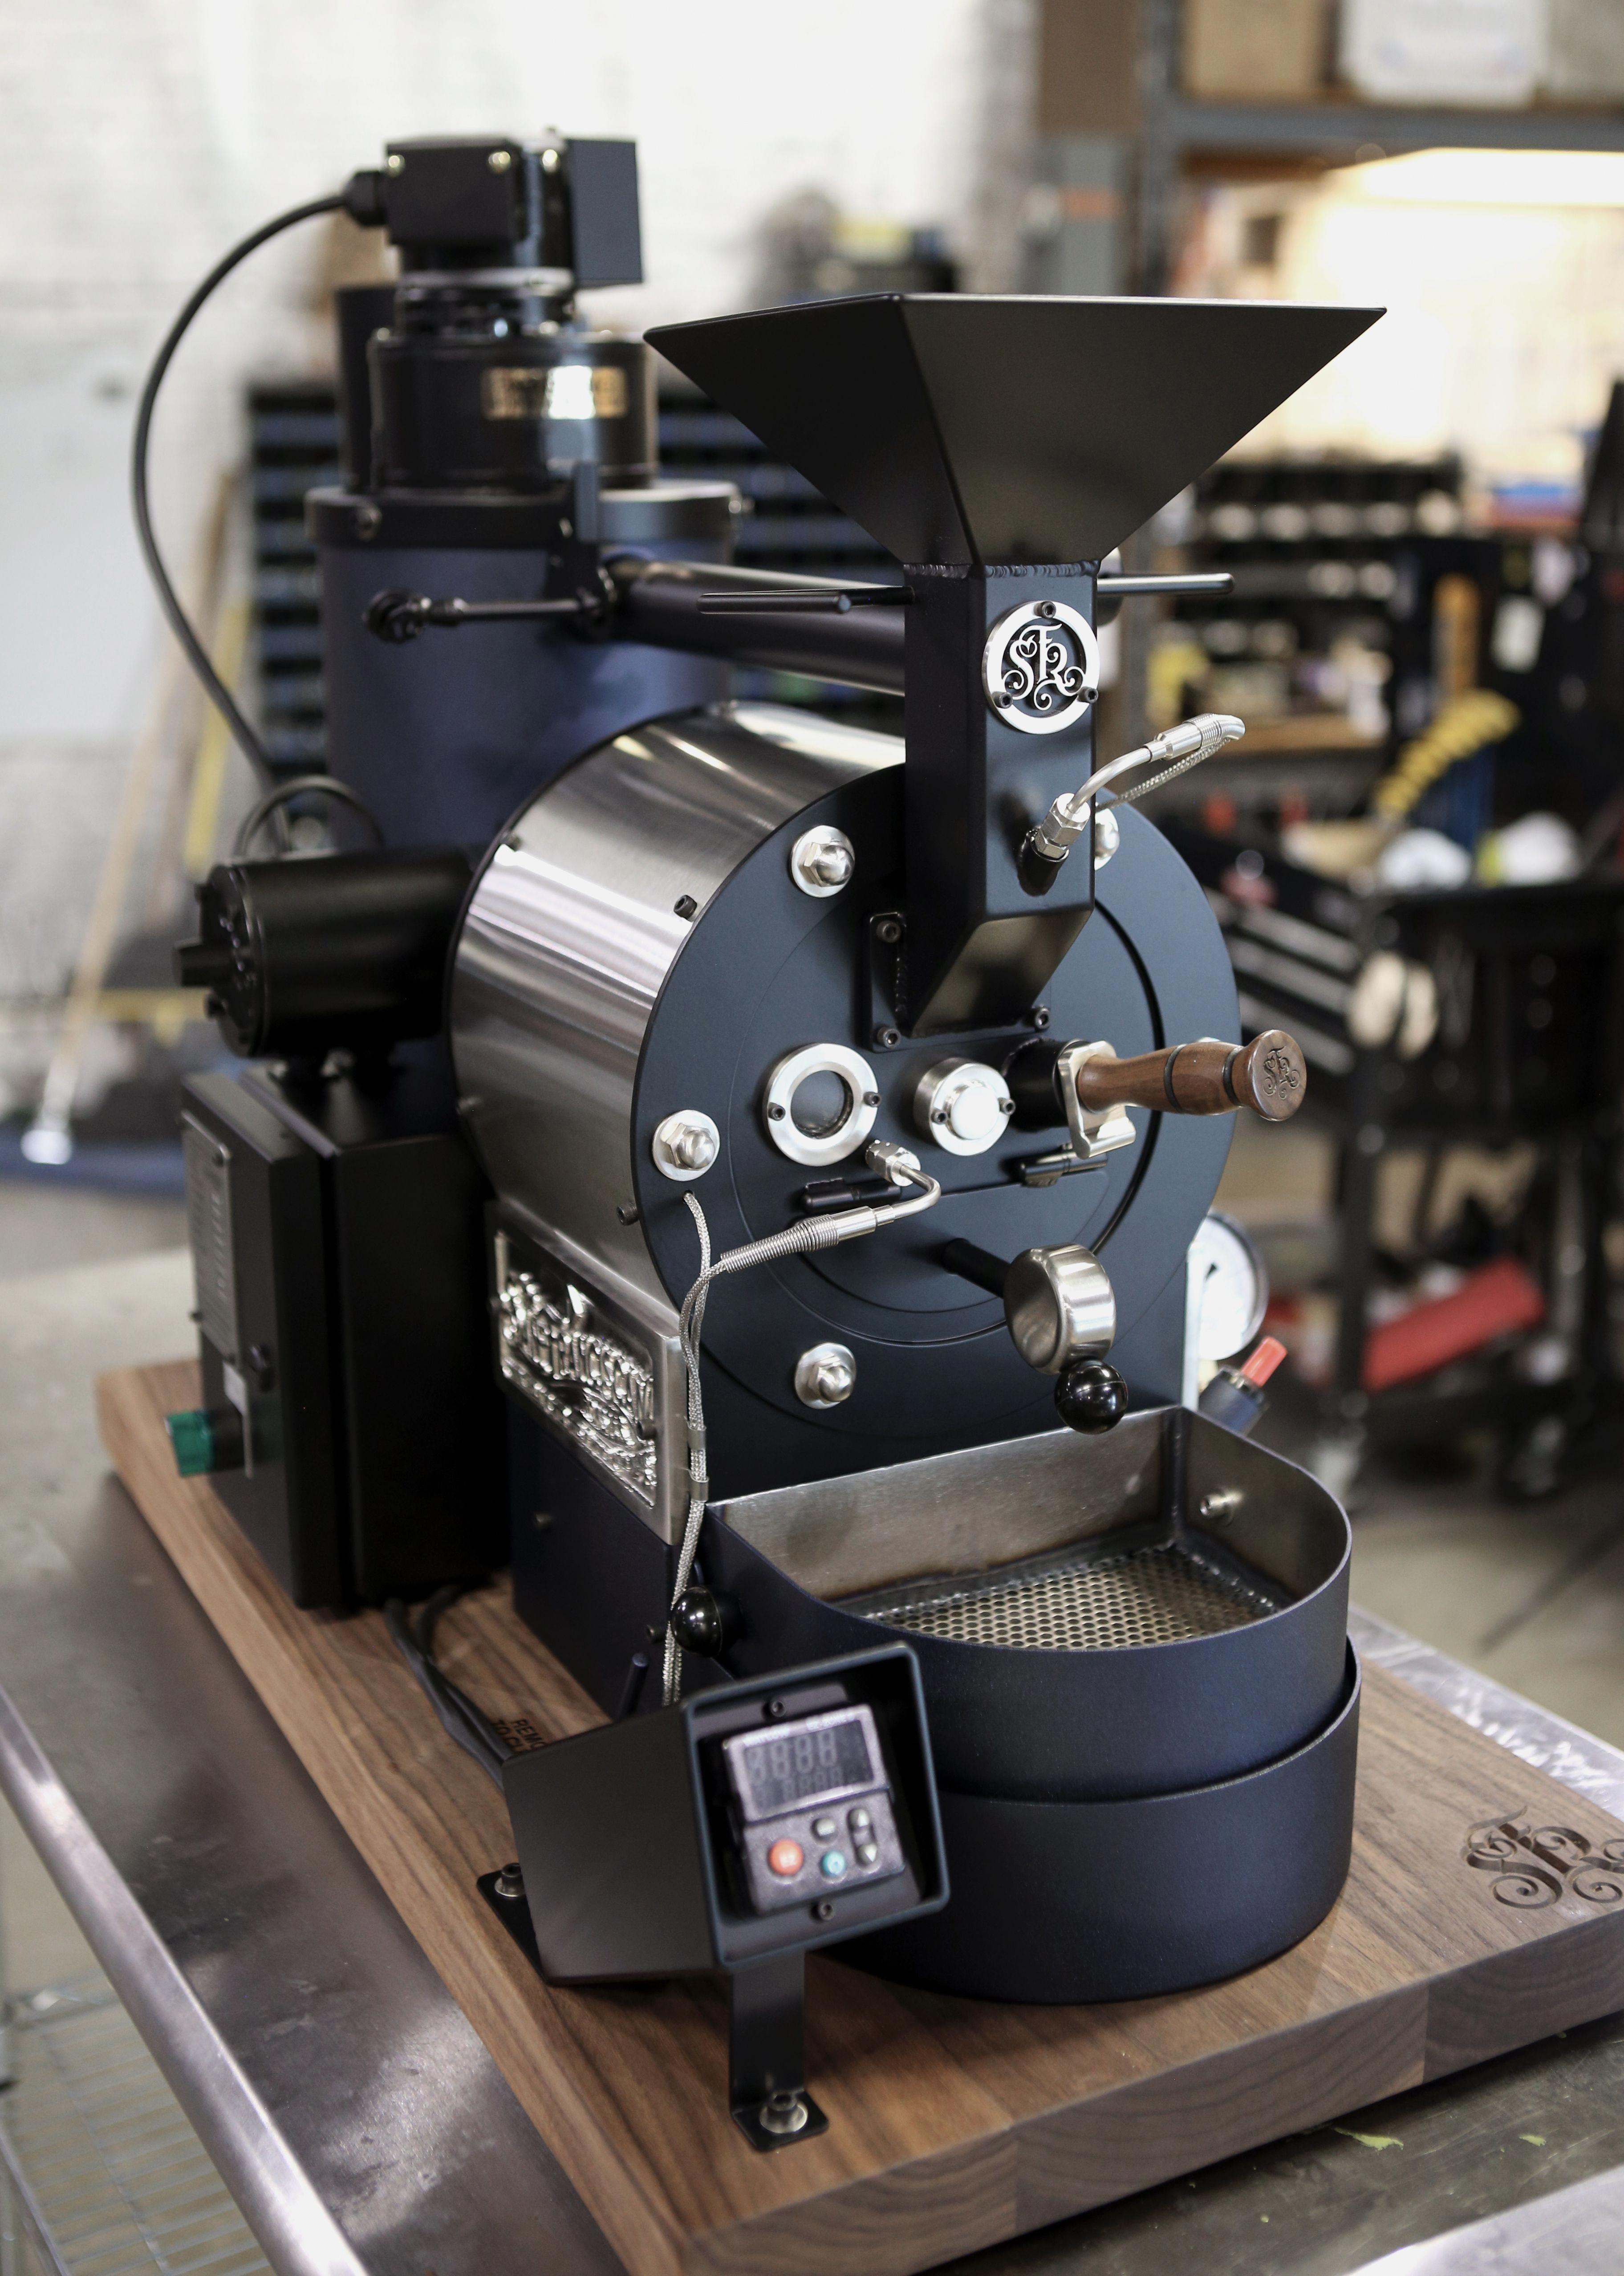 Black & nickel San Franciscan SF1 coffee roaster.